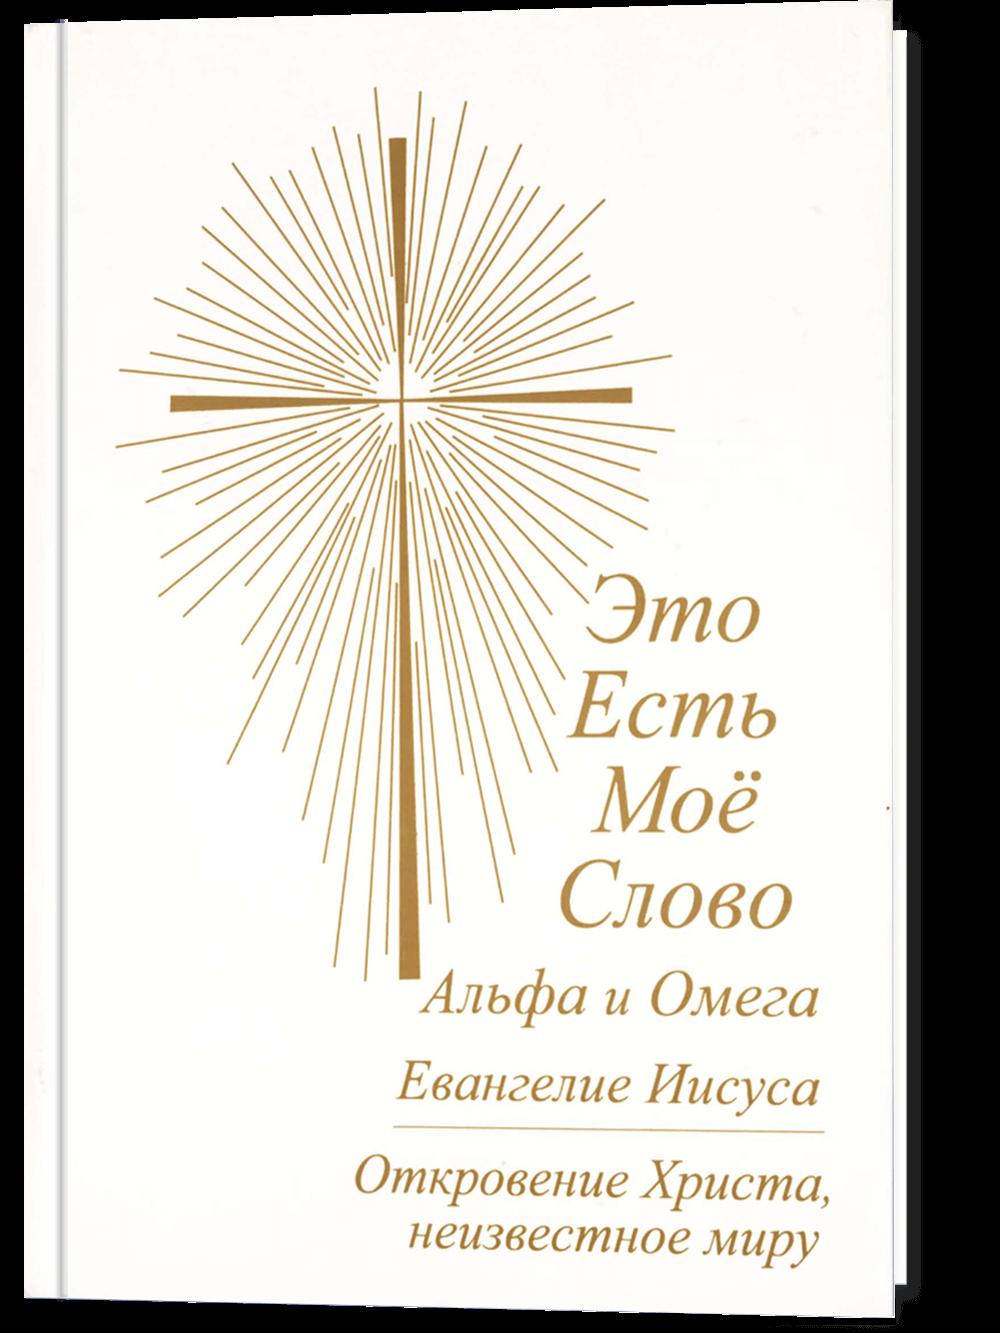 Это - Моё Слово. Альфа и Омега. <br /> Евангелие Иисуса.